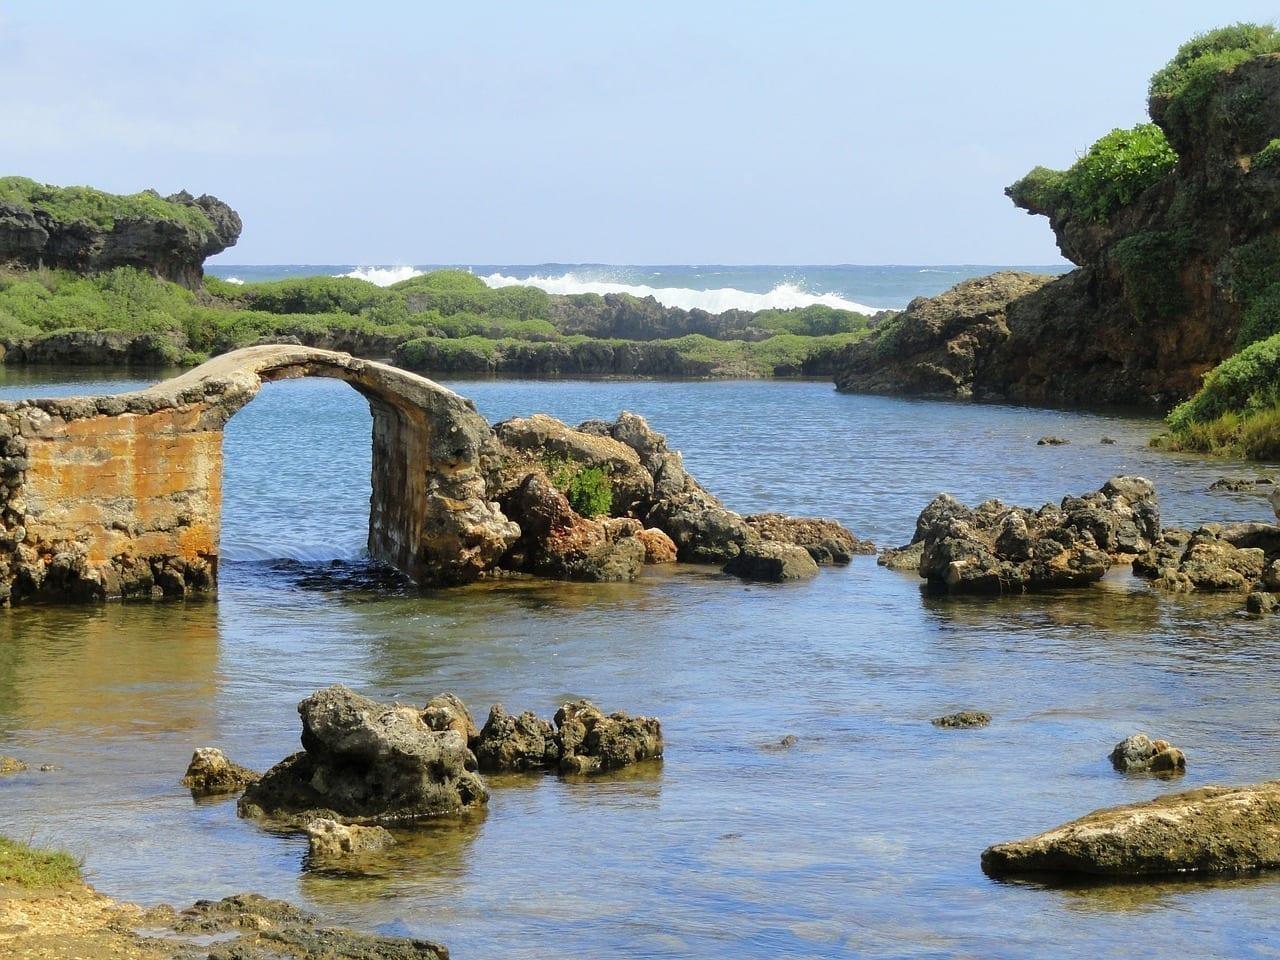 Guam Mar Océano Guam